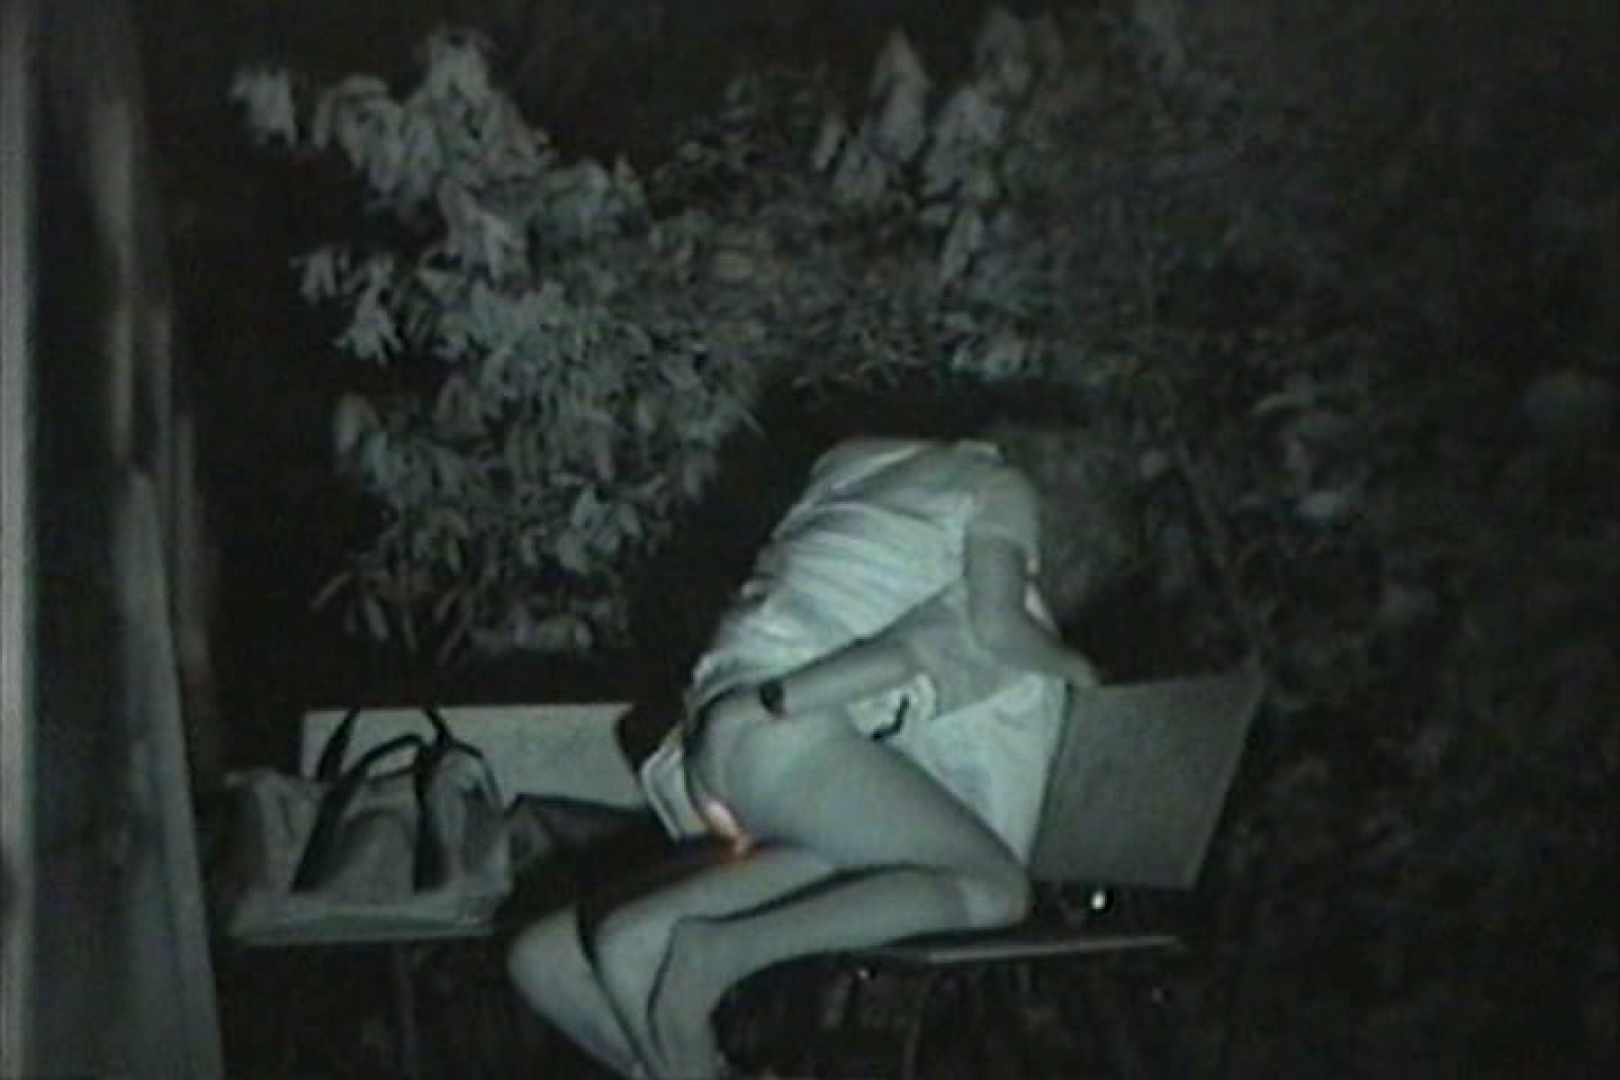 闇の仕掛け人 無修正版 Vol.24 ホテル おまんこ無修正動画無料 102画像 69